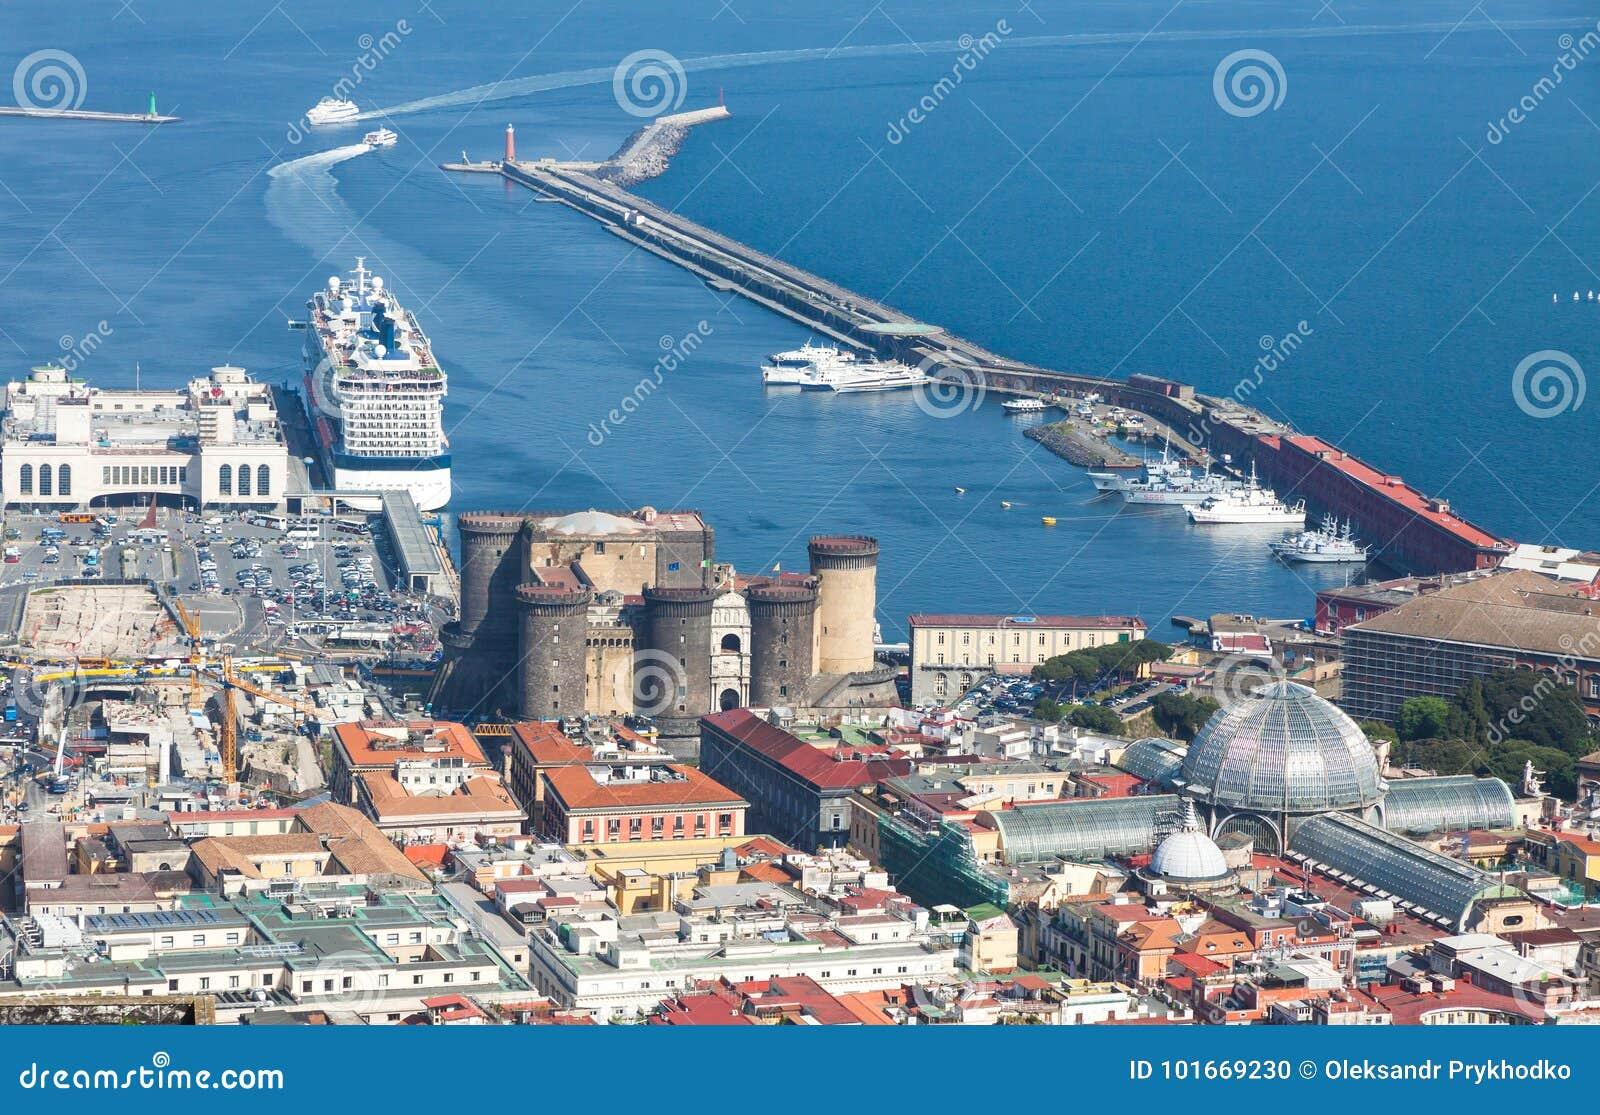 Puerto, Castel Nuovo y Galleria Umberto I en Nápoles, Italia